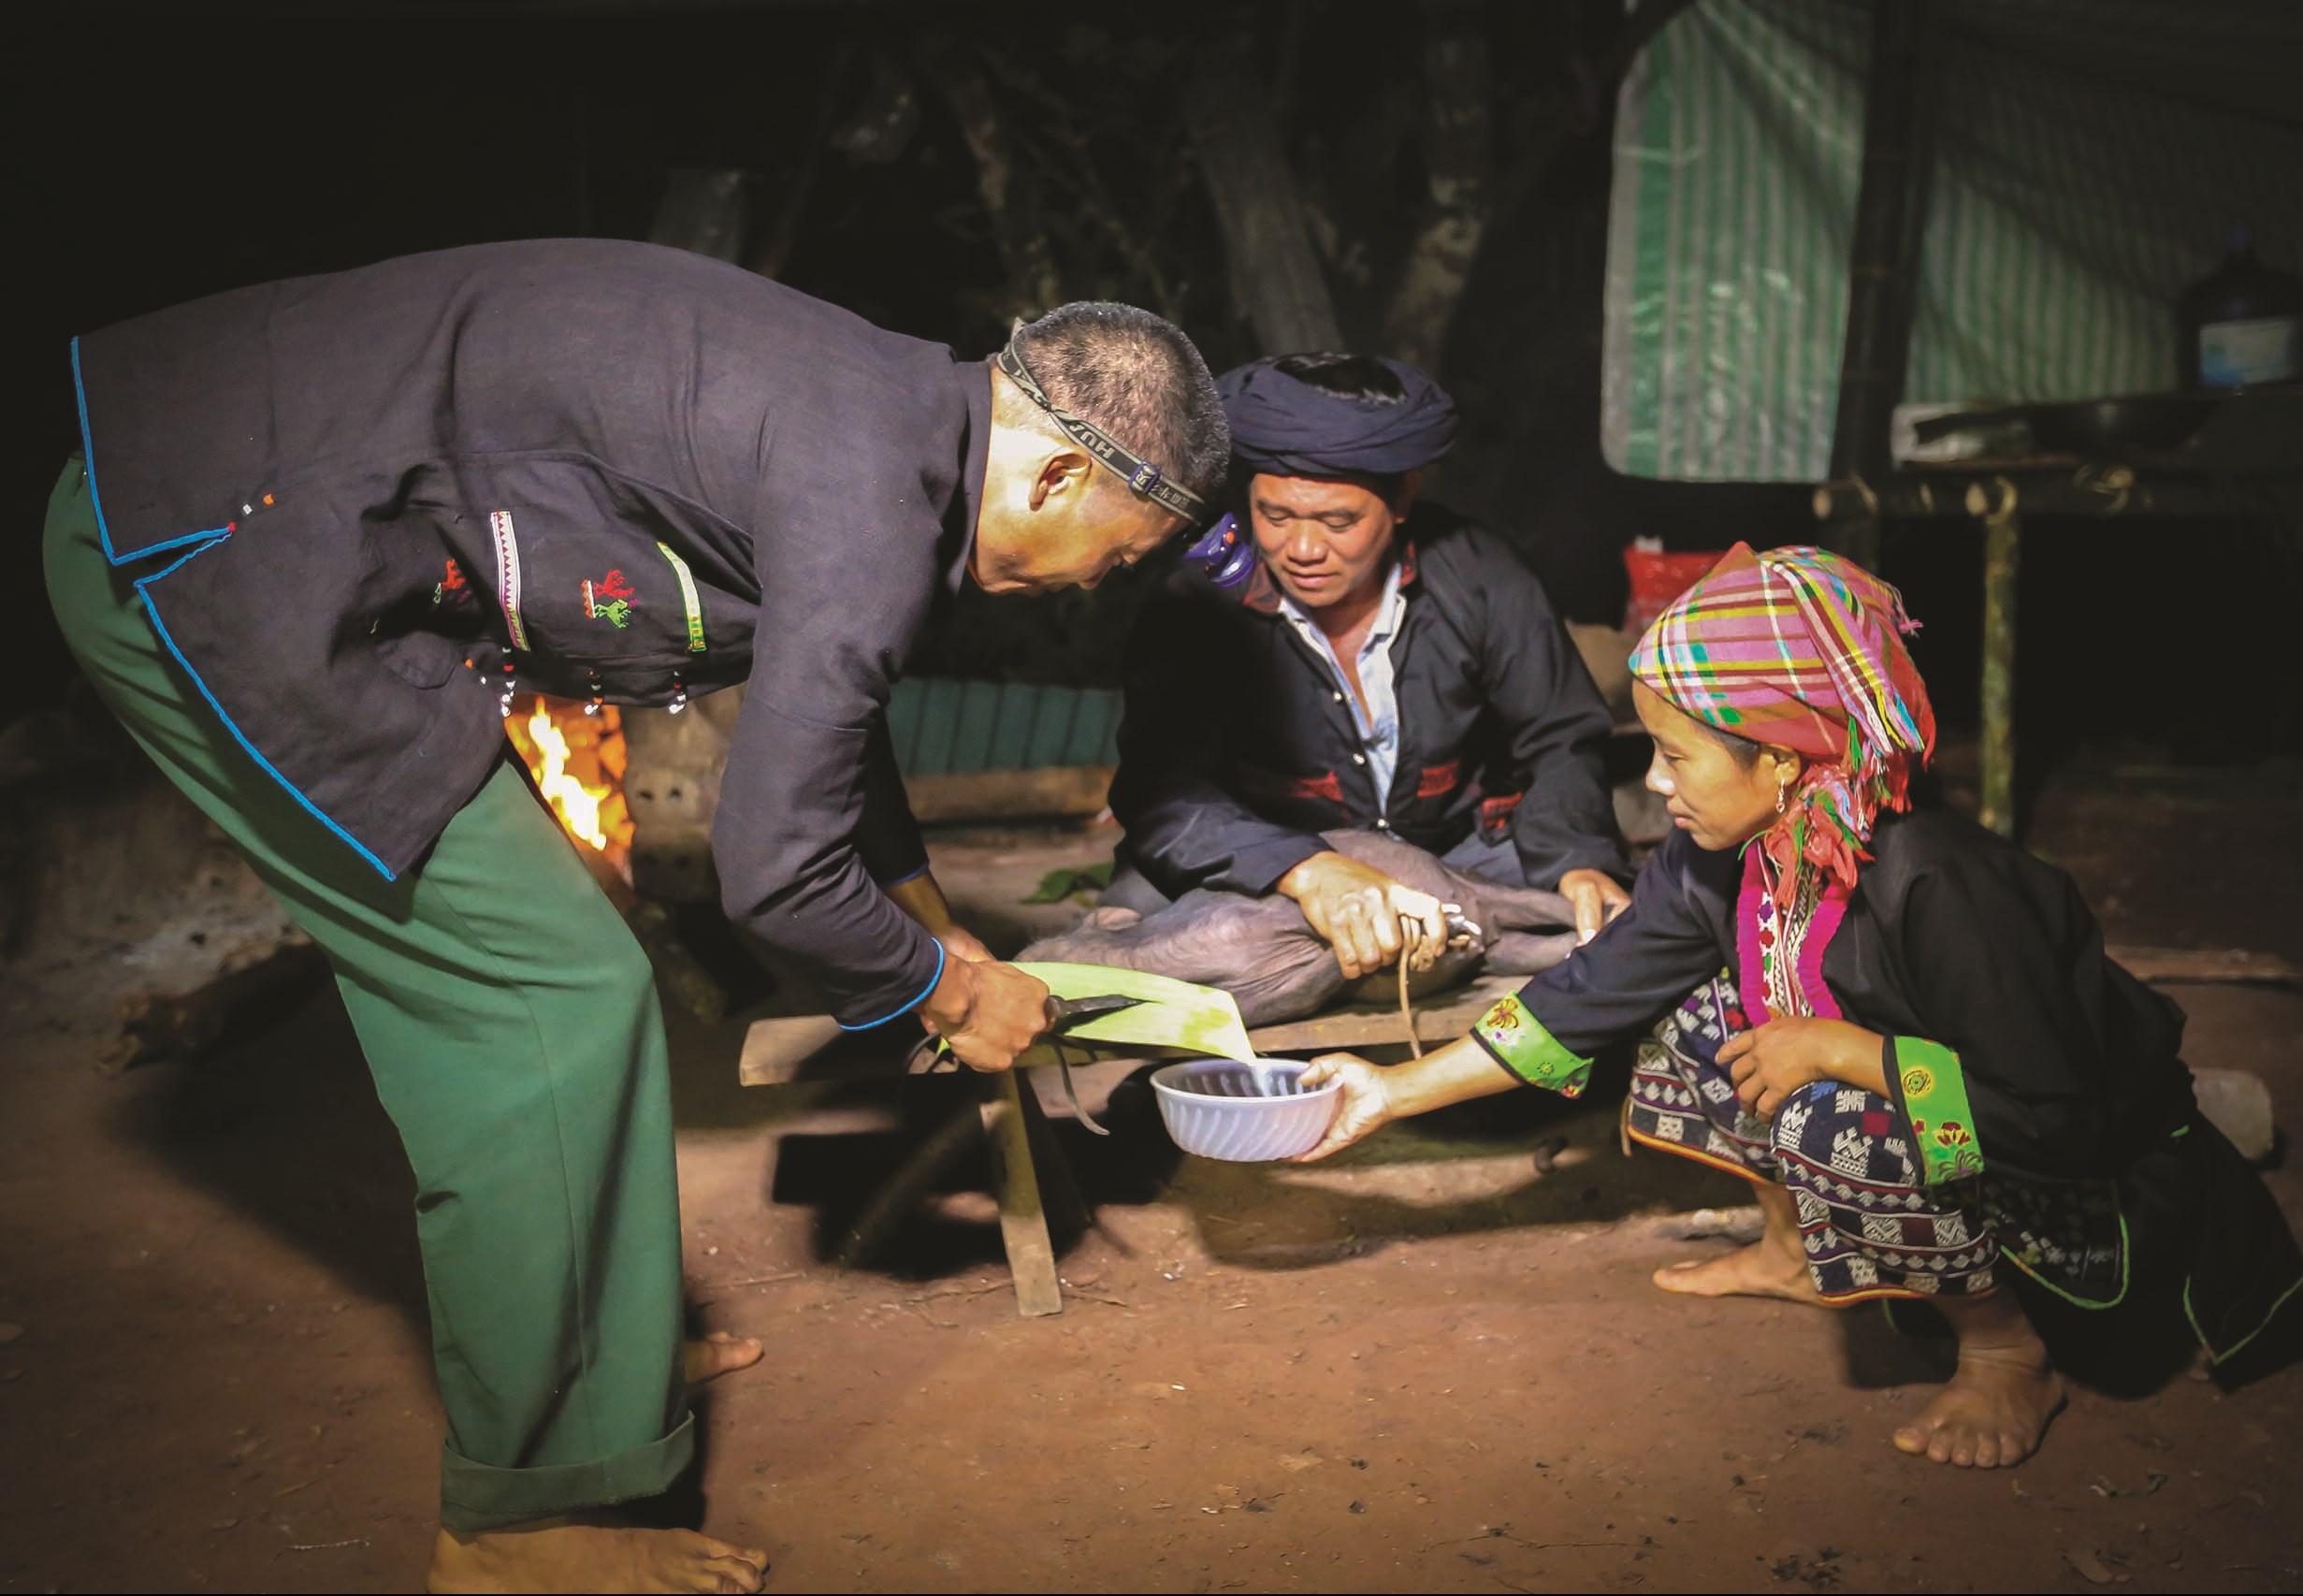 Người Dao chuẩn bị thực hiện một nghi lễ trong Tết nhảy lửa